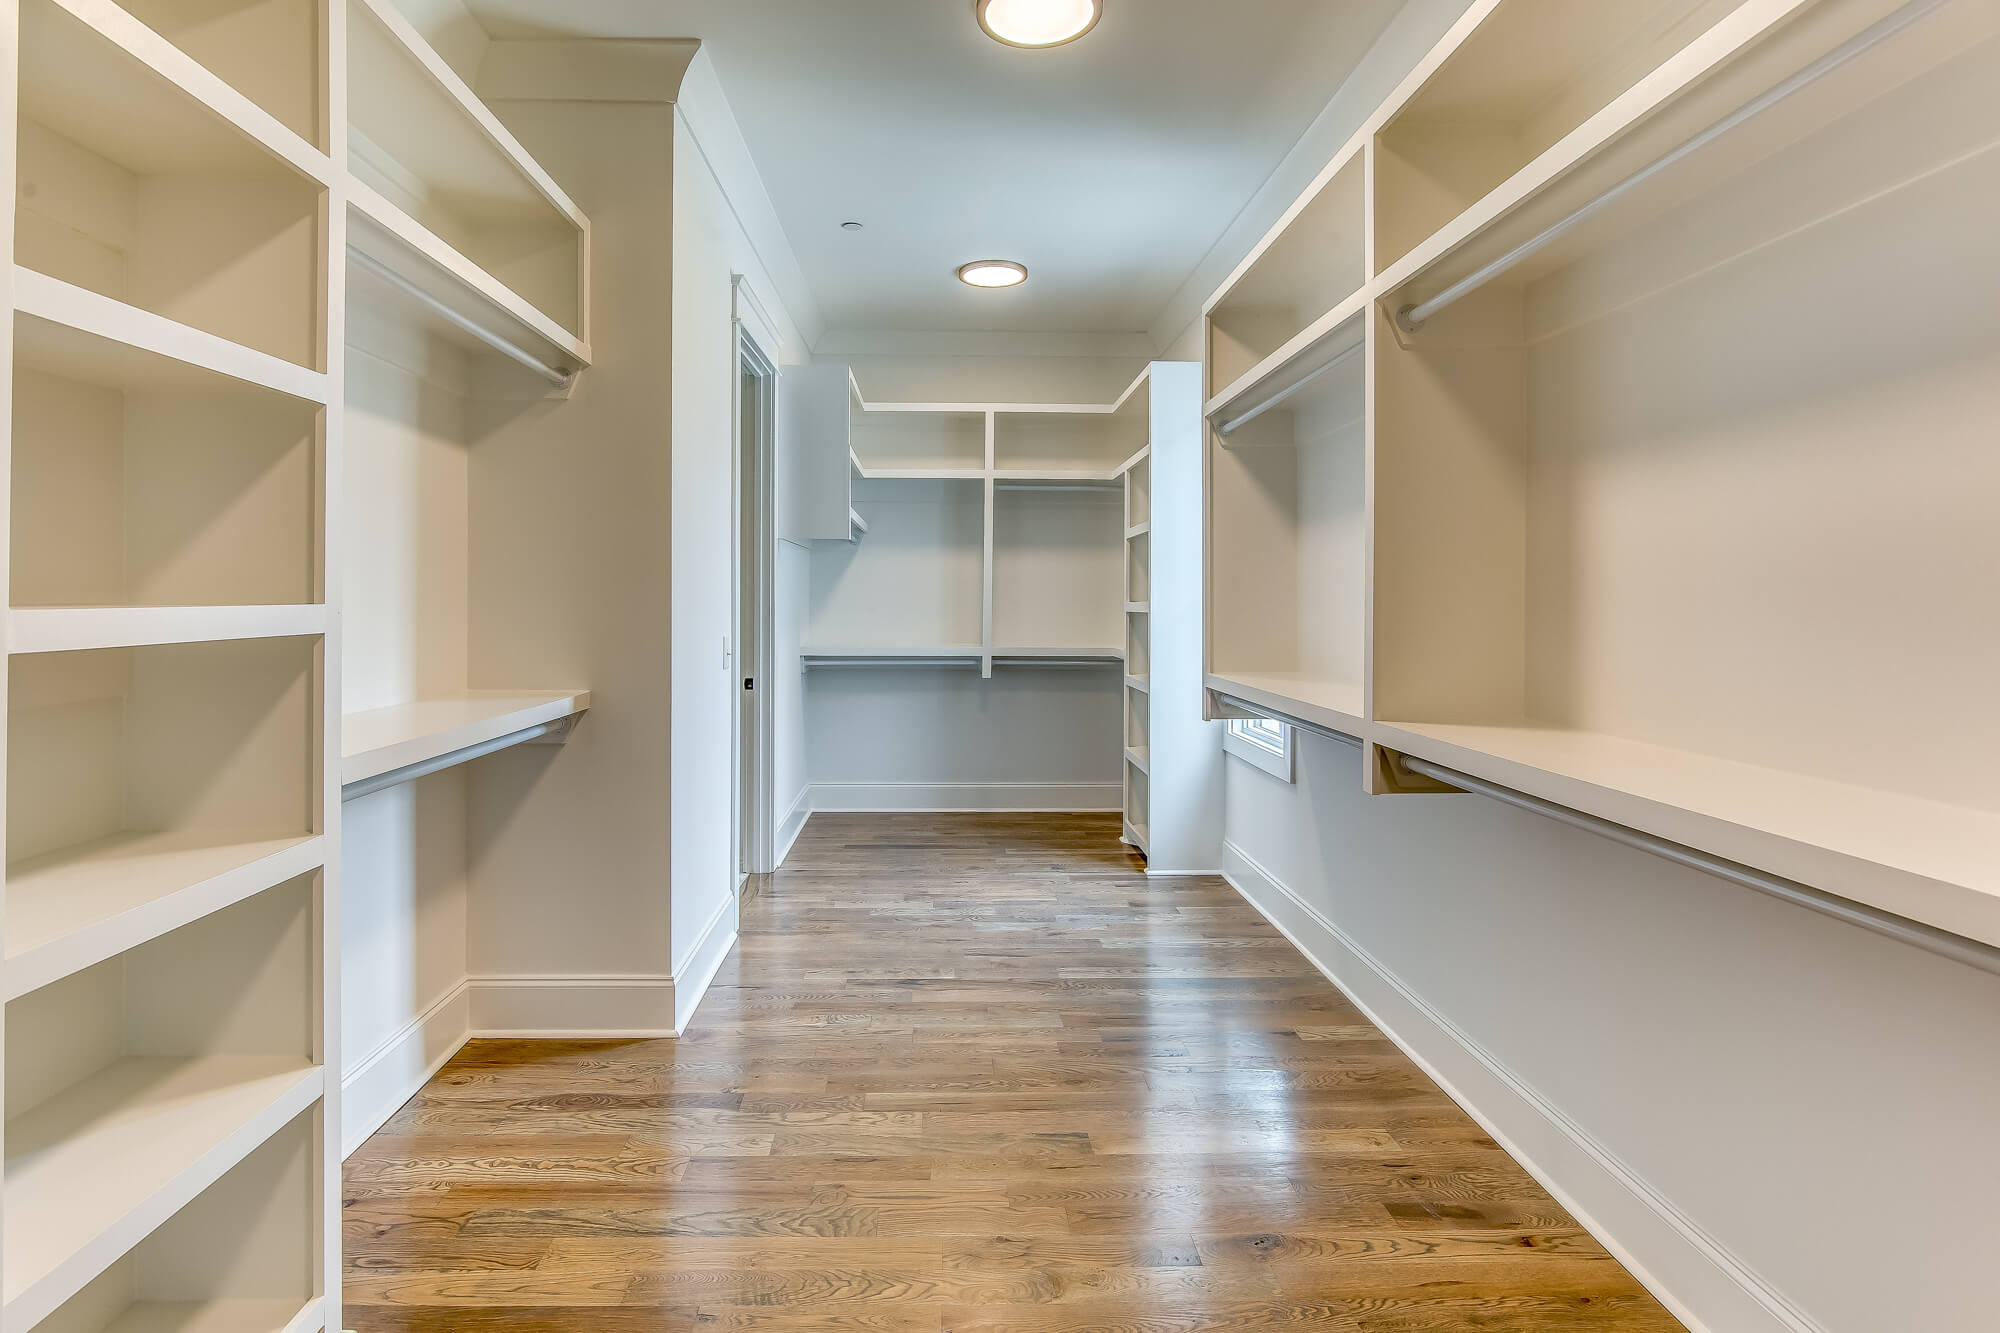 chandelier-development-nashville-tennessee-home-builder--16.jpg